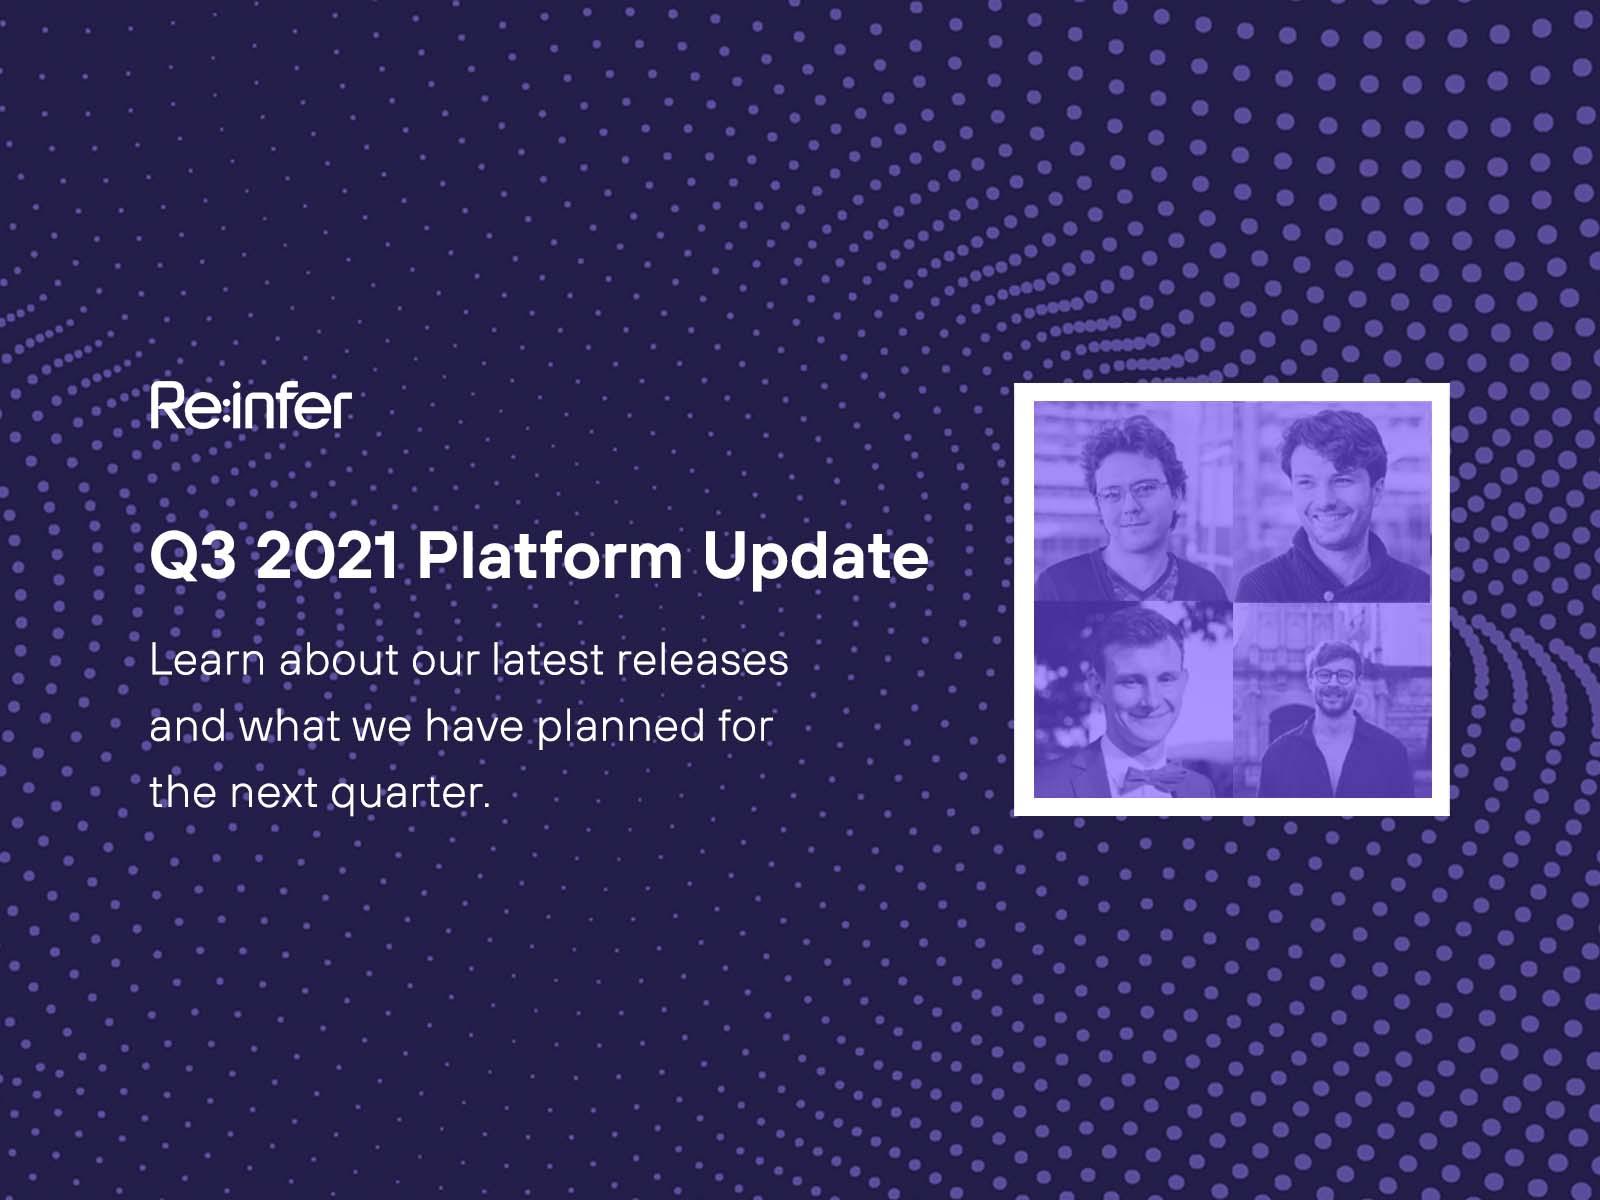 Q3 2021 Platform Update | Re:infer